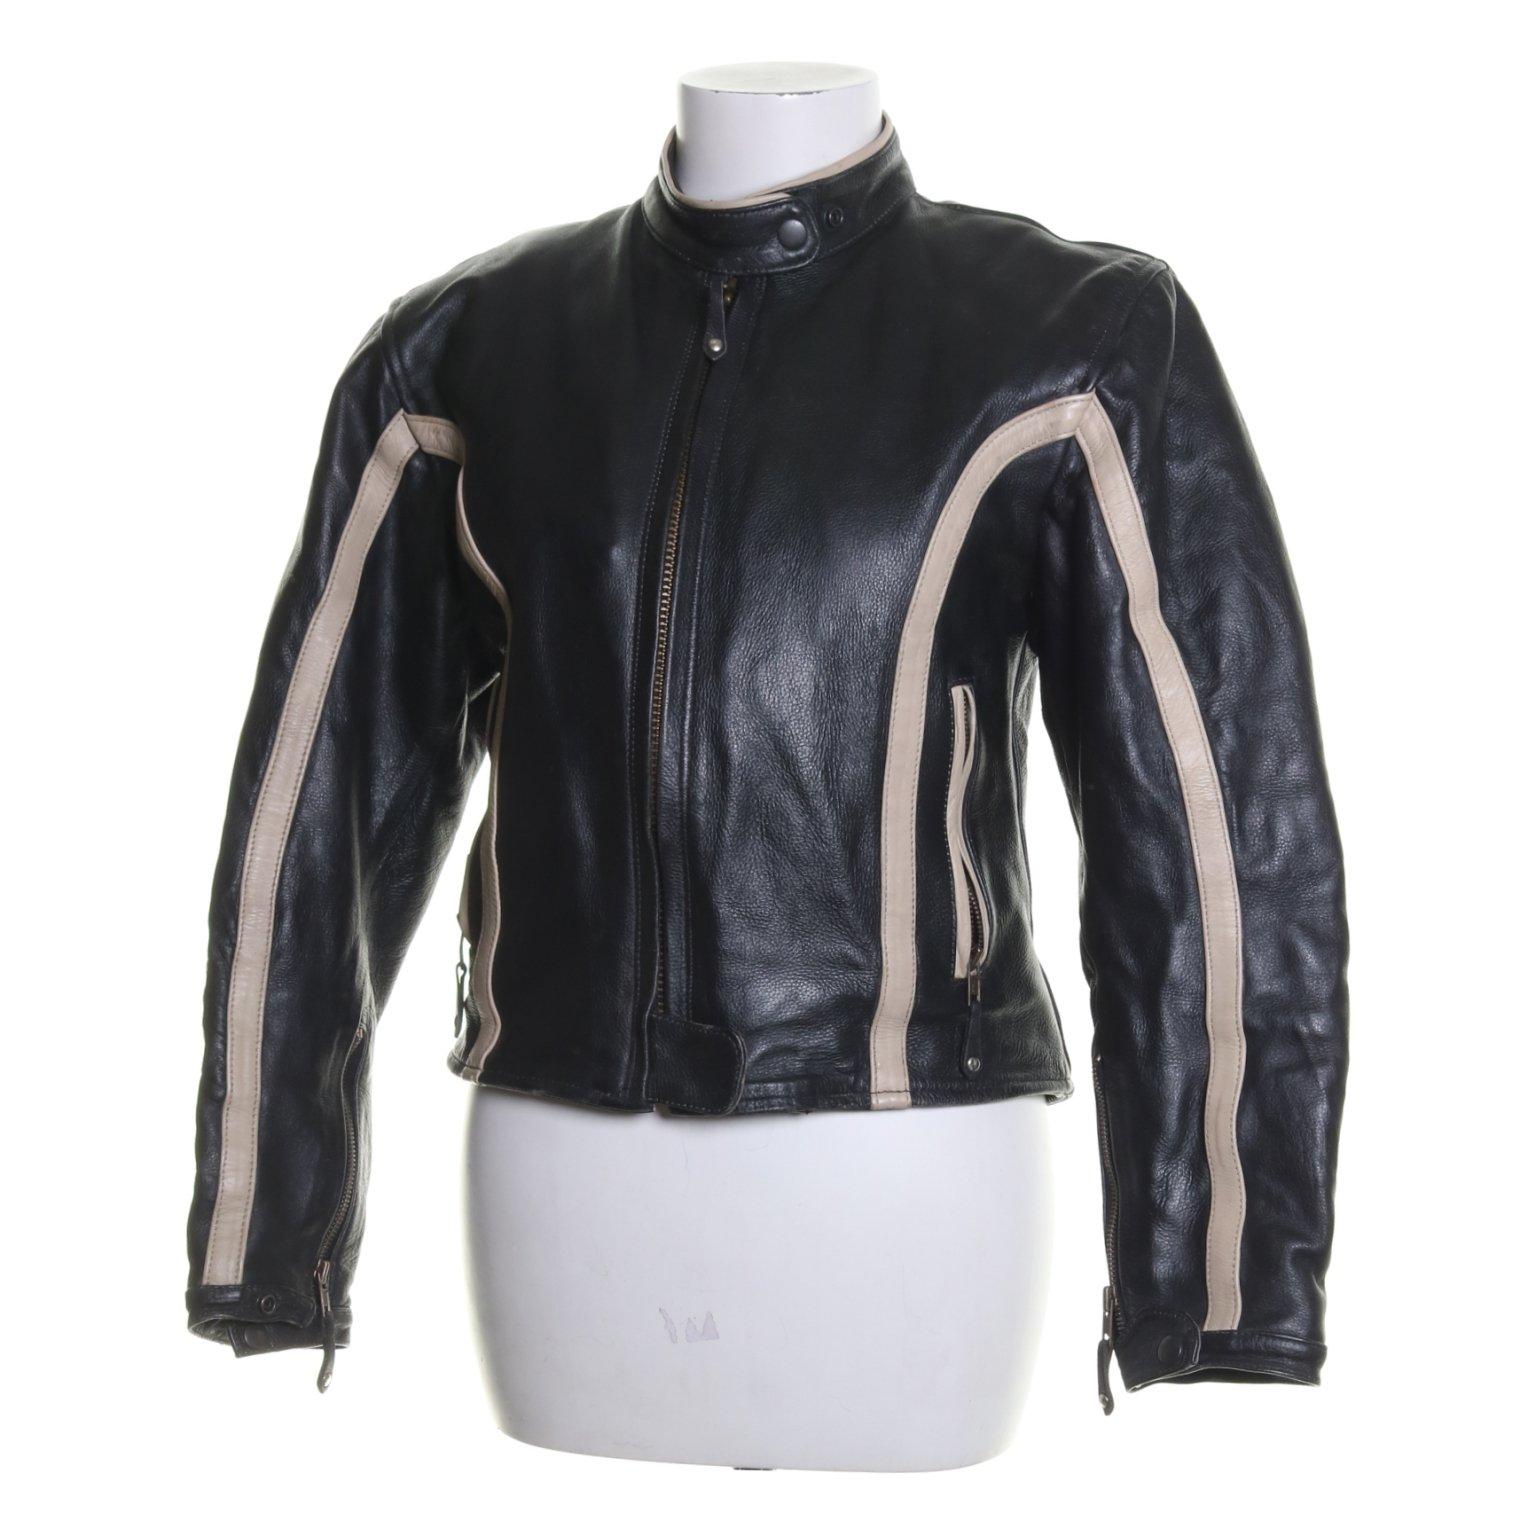 4 Bikers, Motorcykeljacka, Strl: S, Svart.. (397025126) ᐈ